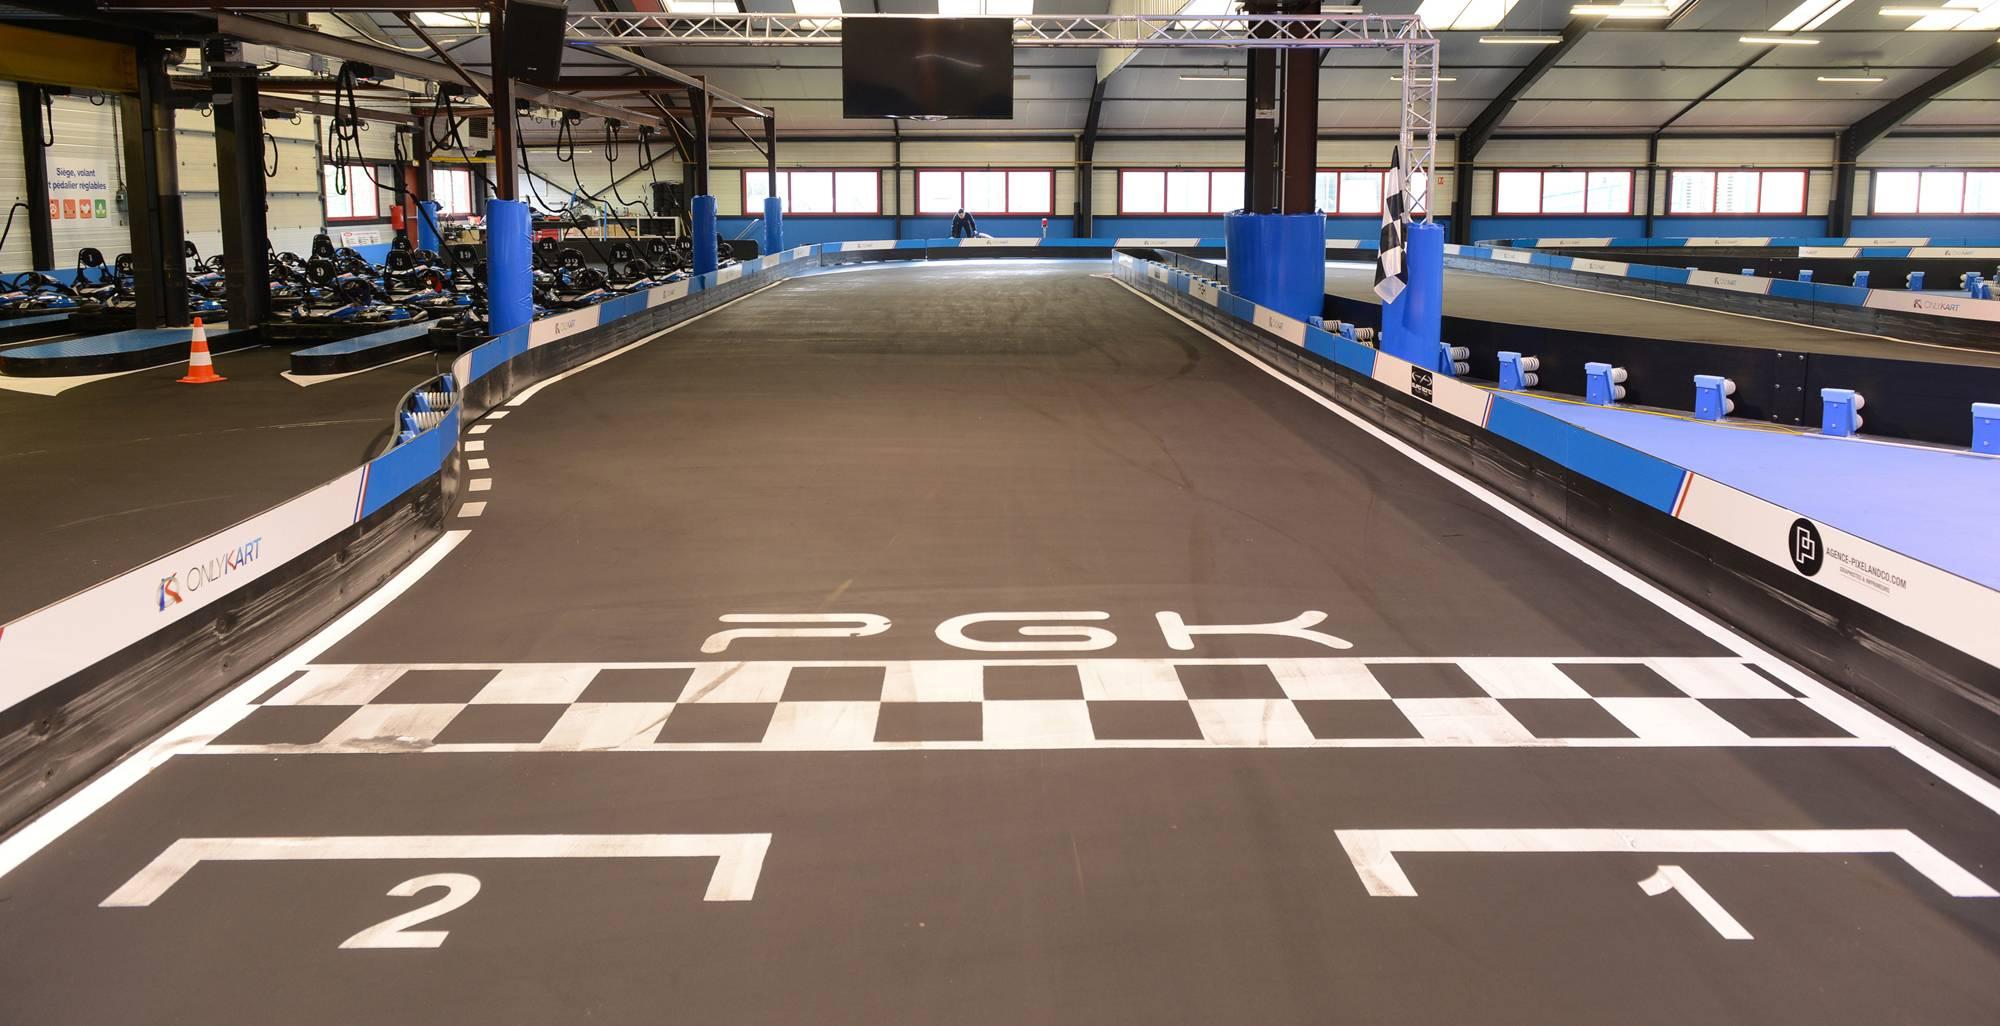 départ de la piste de karting